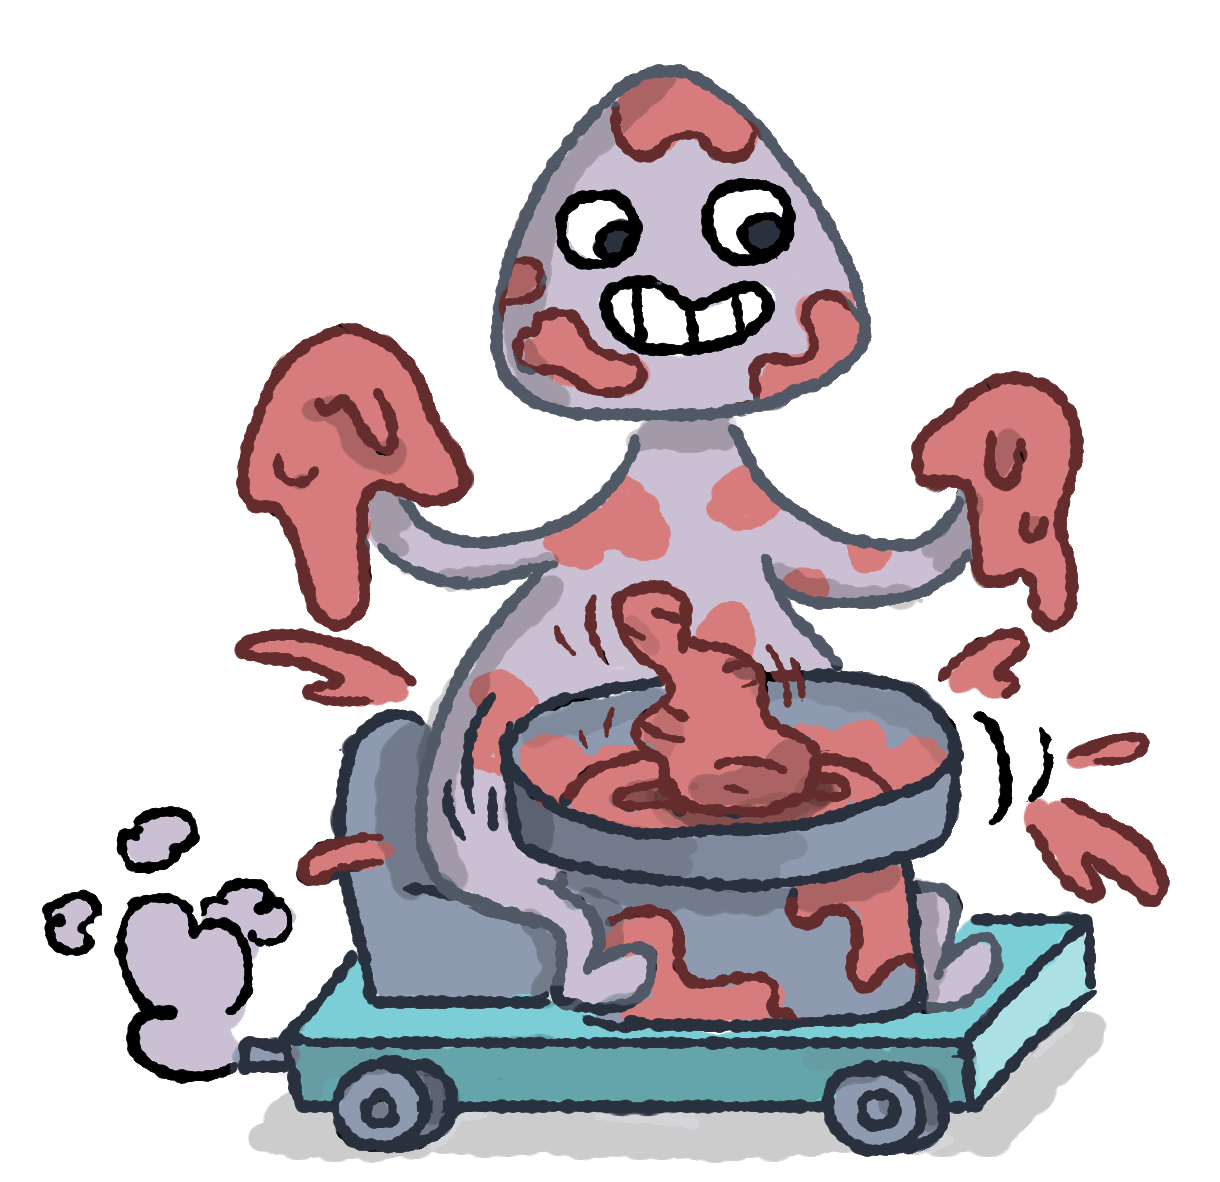 potter illustration - big wild imagination.png